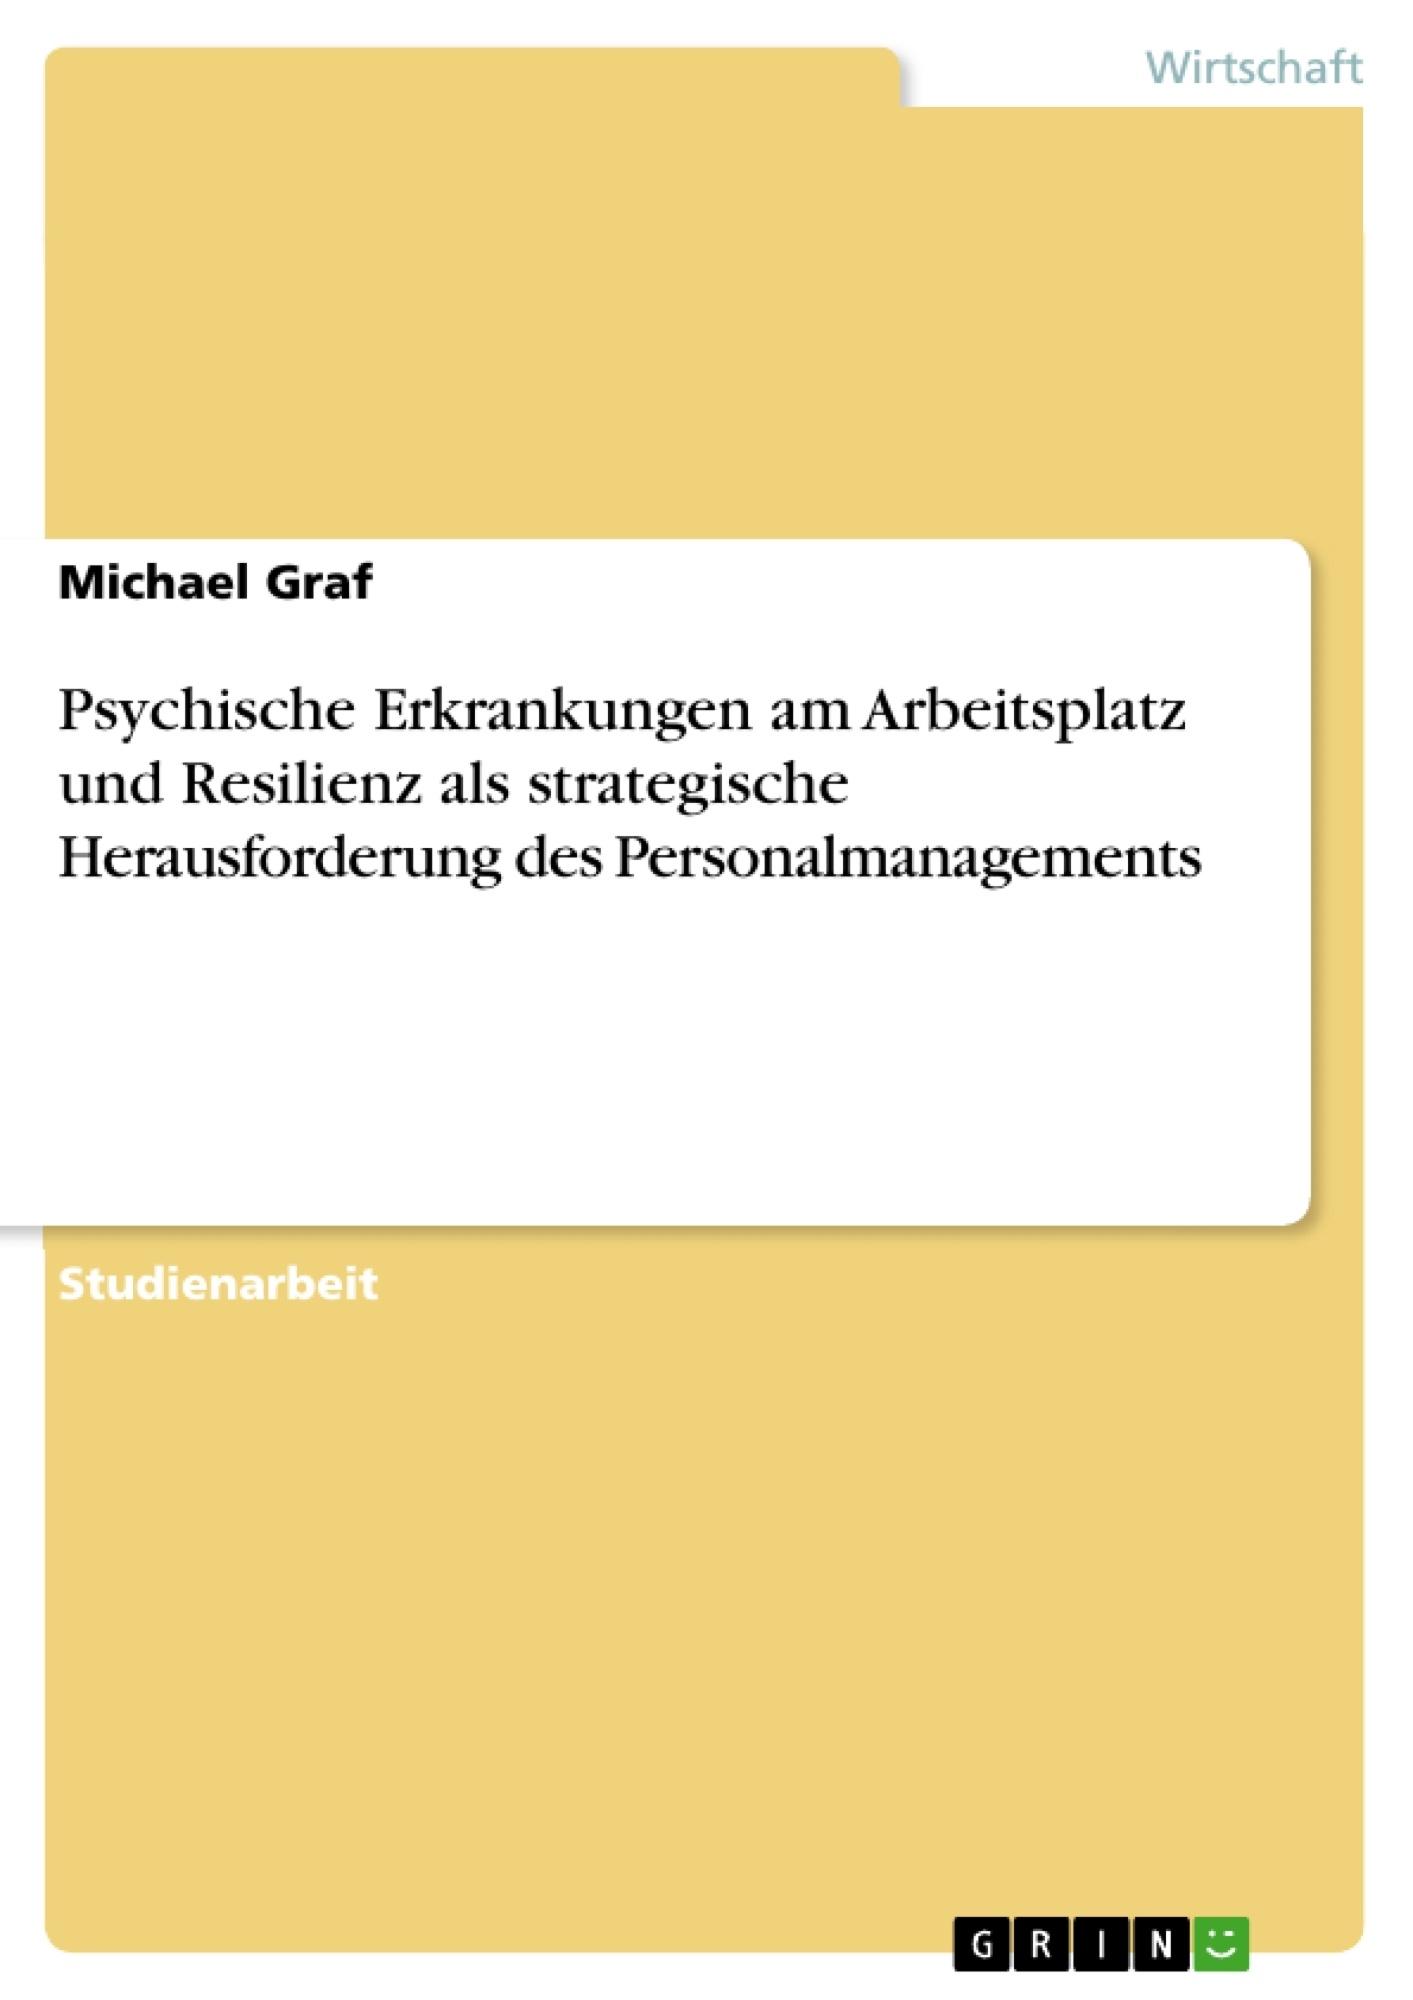 Titel: Psychische Erkrankungen am Arbeitsplatz und Resilienz als strategische Herausforderung des Personalmanagements